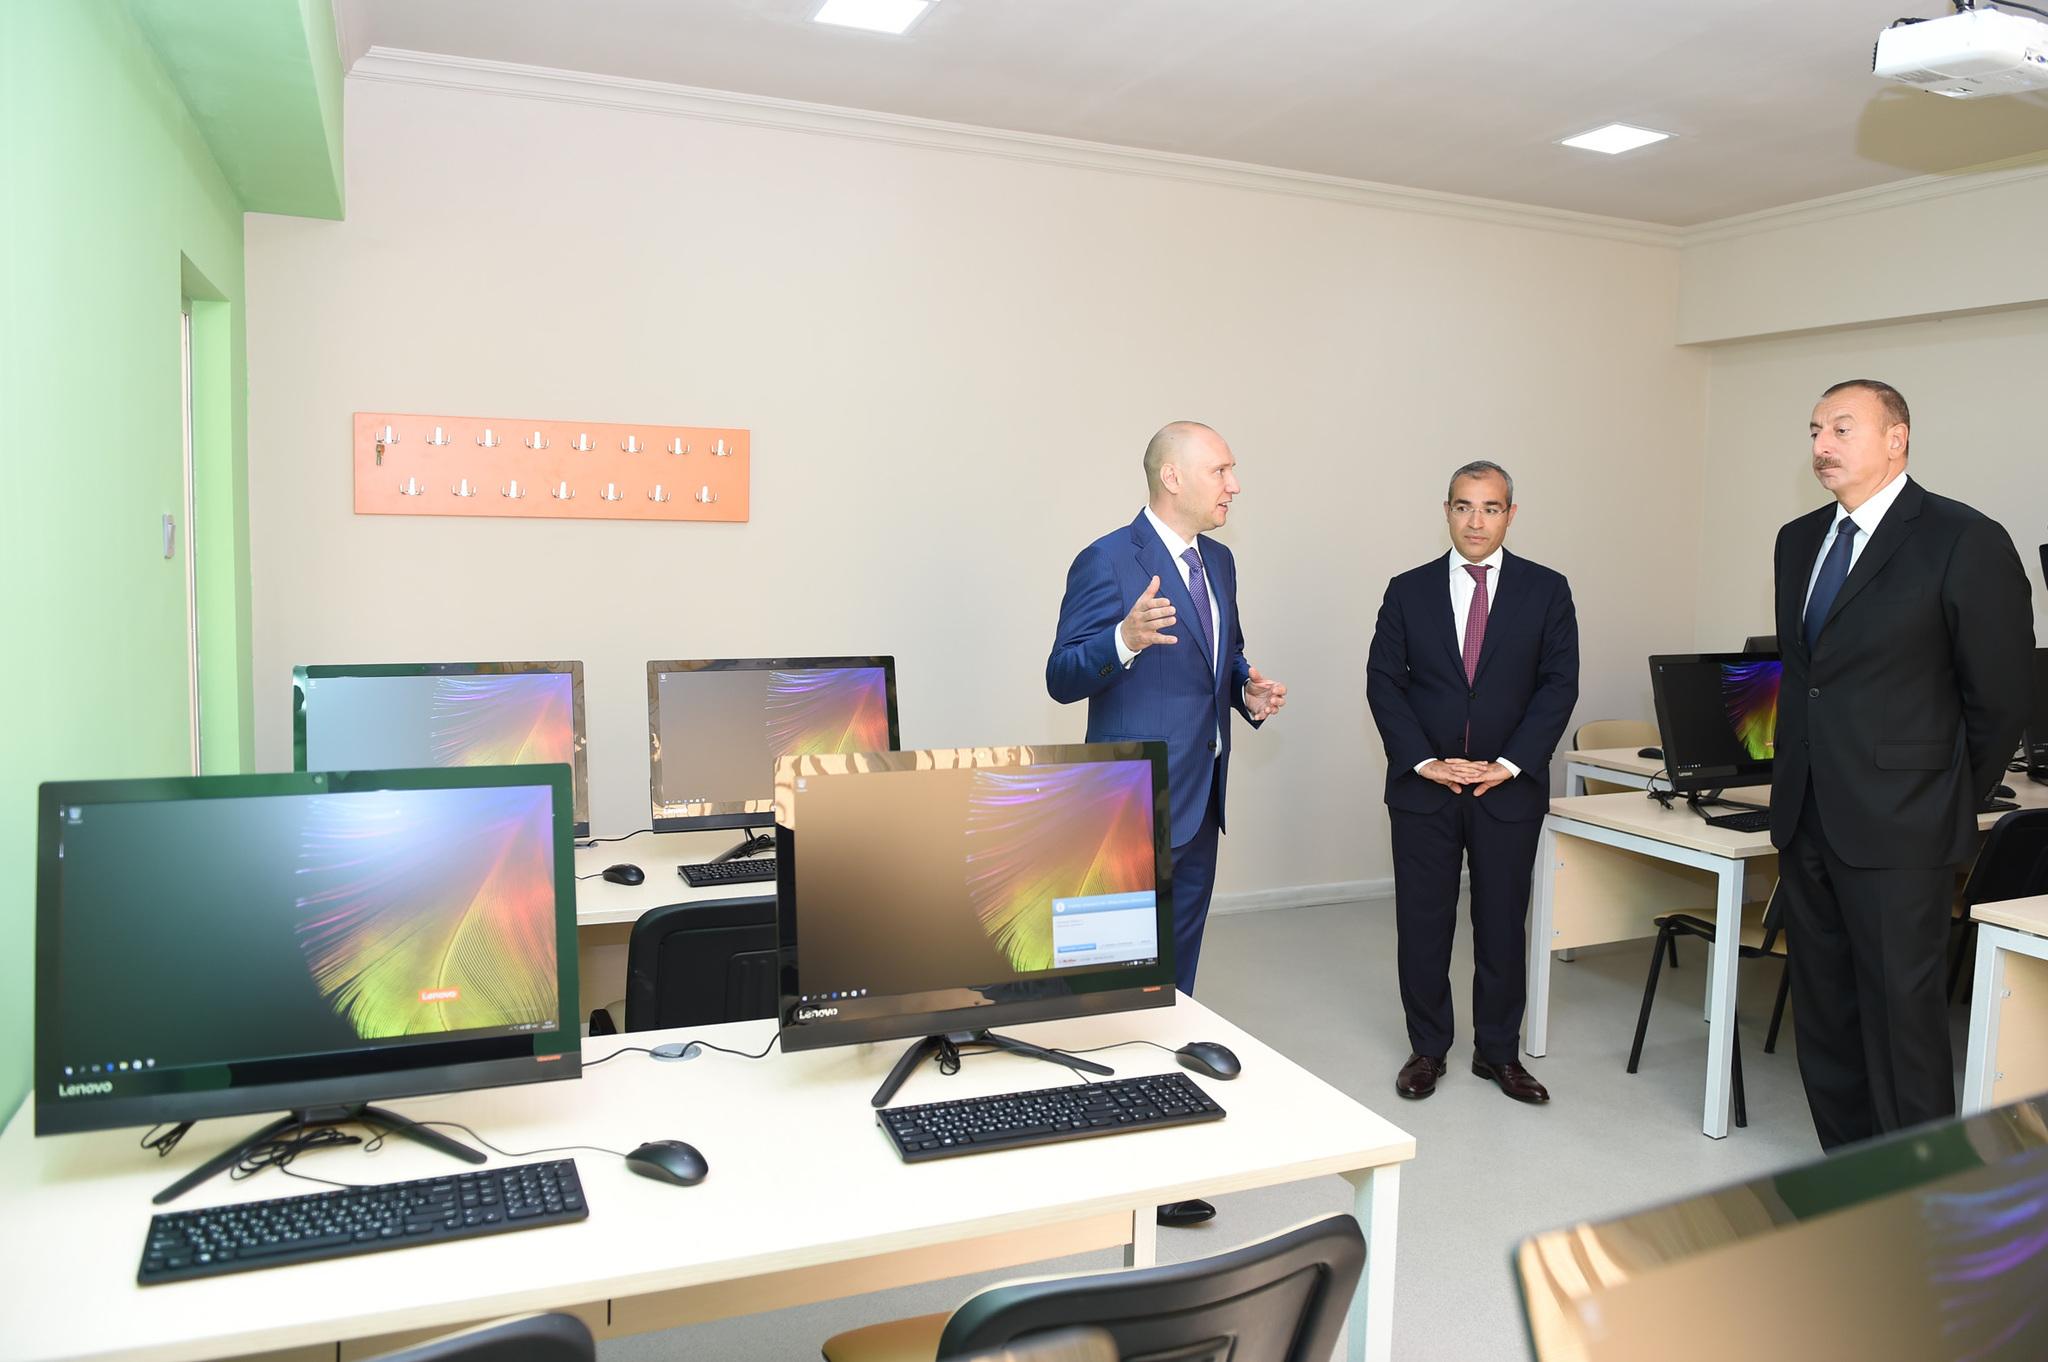 Открытие филиала в Баку при участии президента Азербайджана Ильхама Алиева (справа)